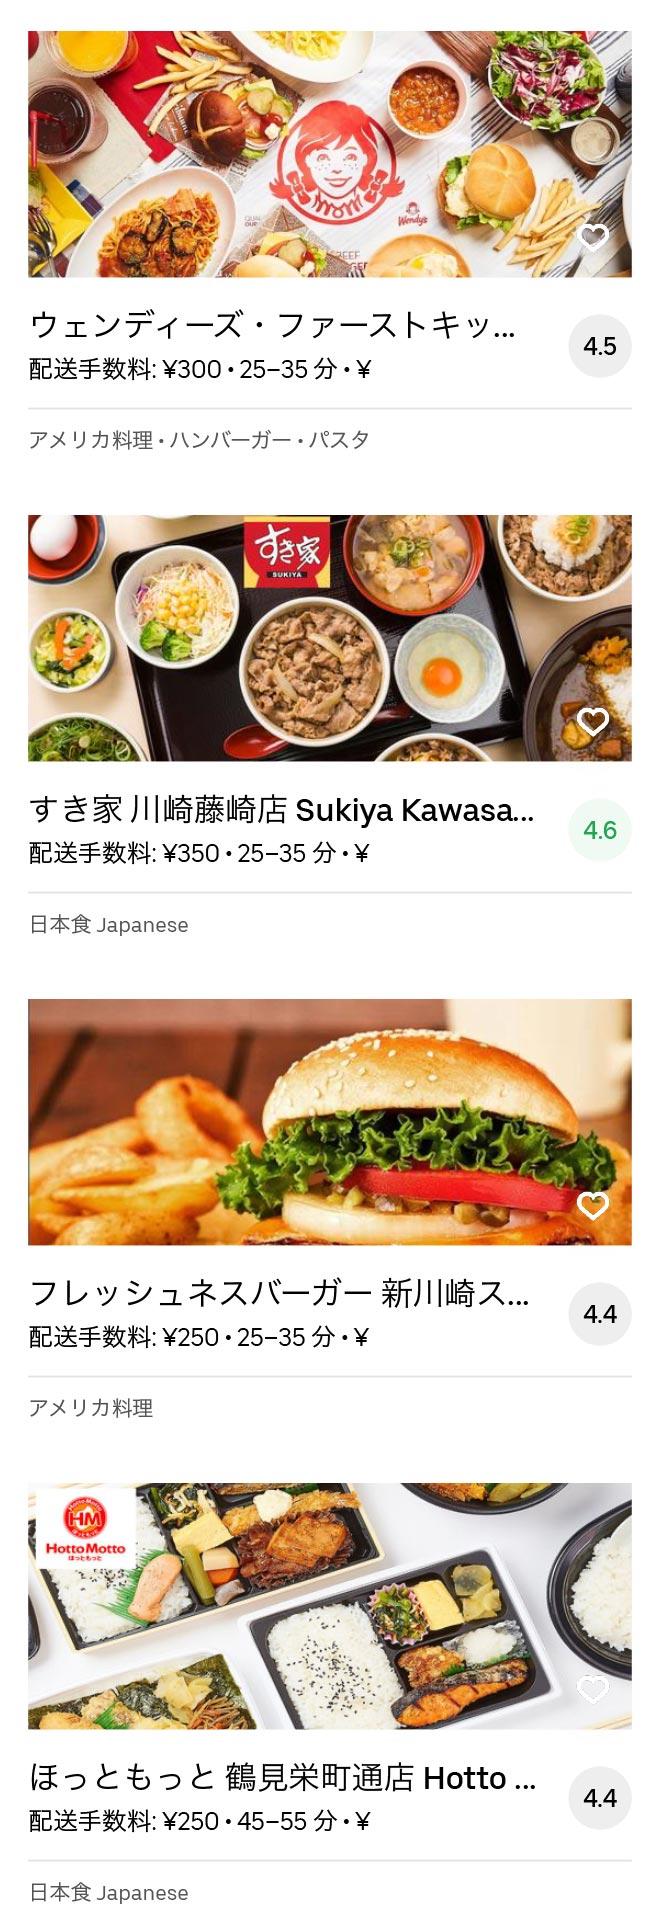 Kawasaki menu 2004 09